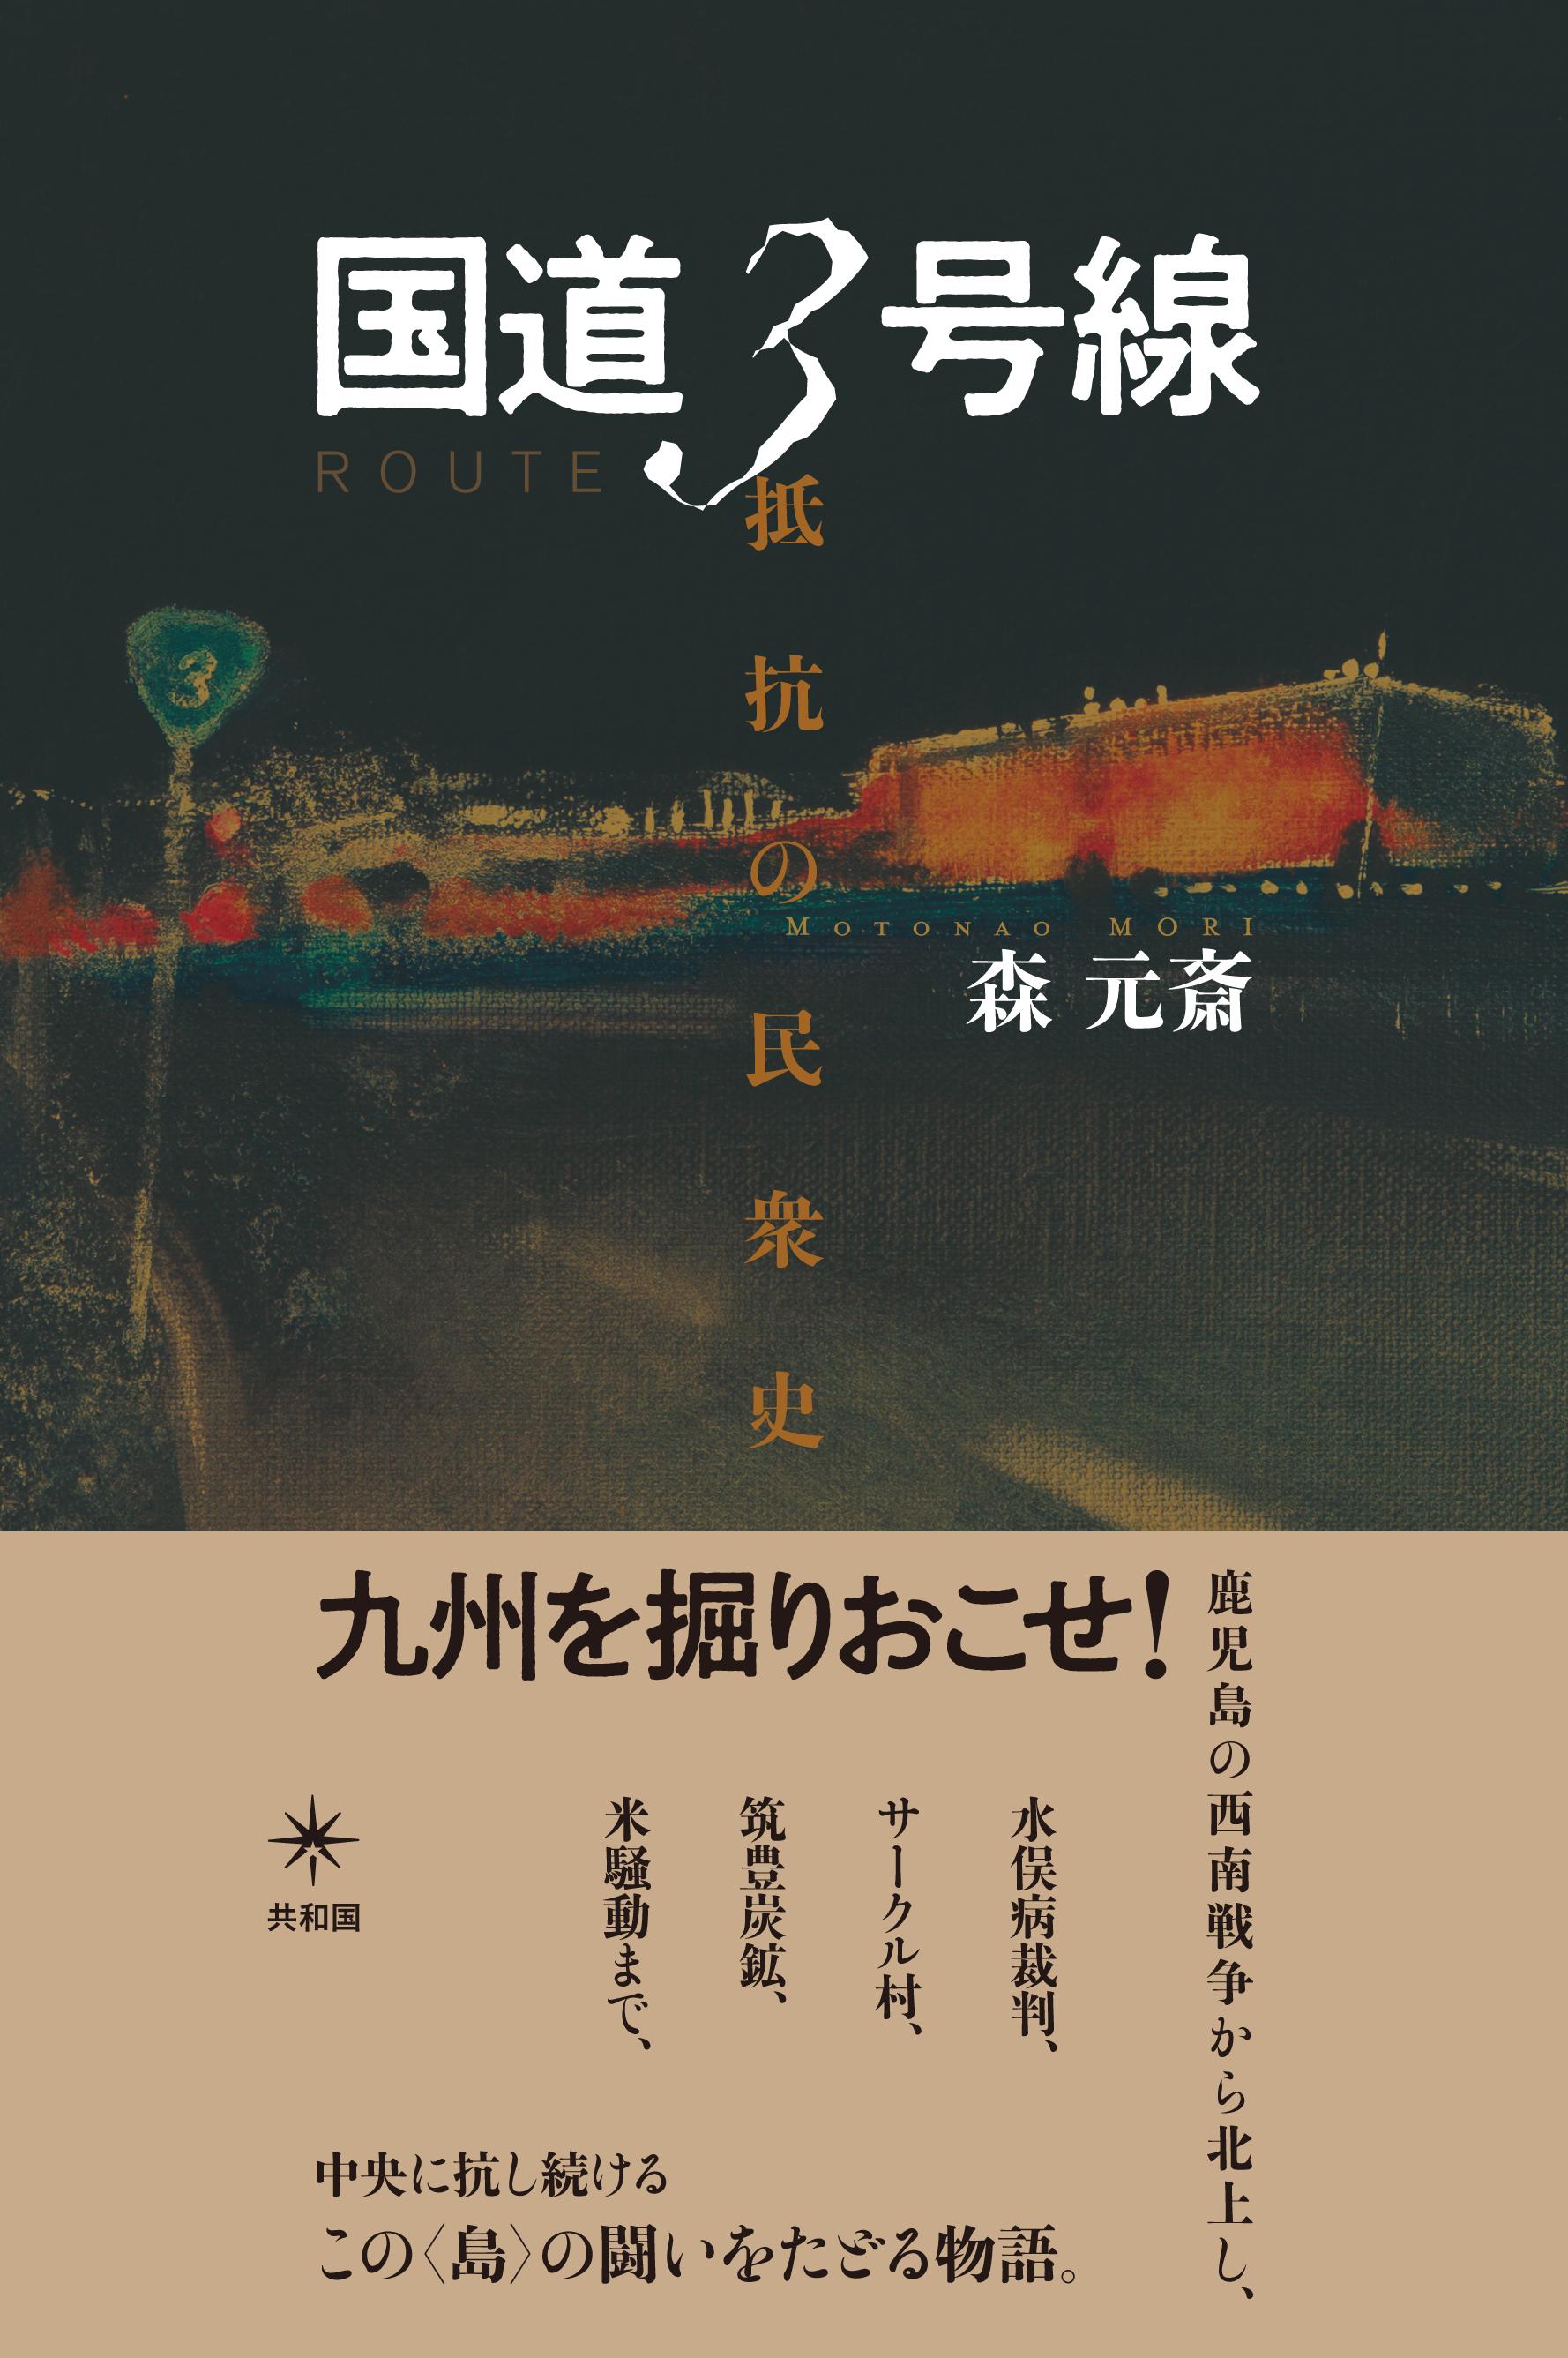 森 元斎 国道3号線